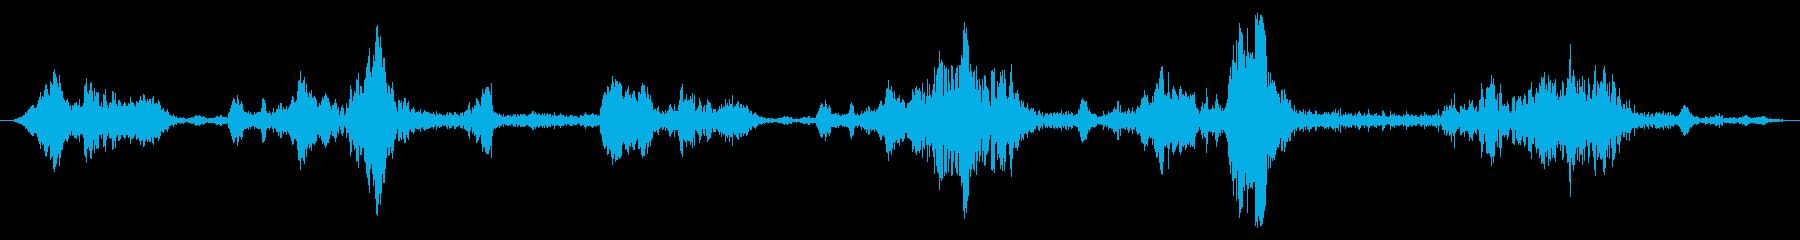 油井:ポンプジャック:稼働中、ゆっ...の再生済みの波形